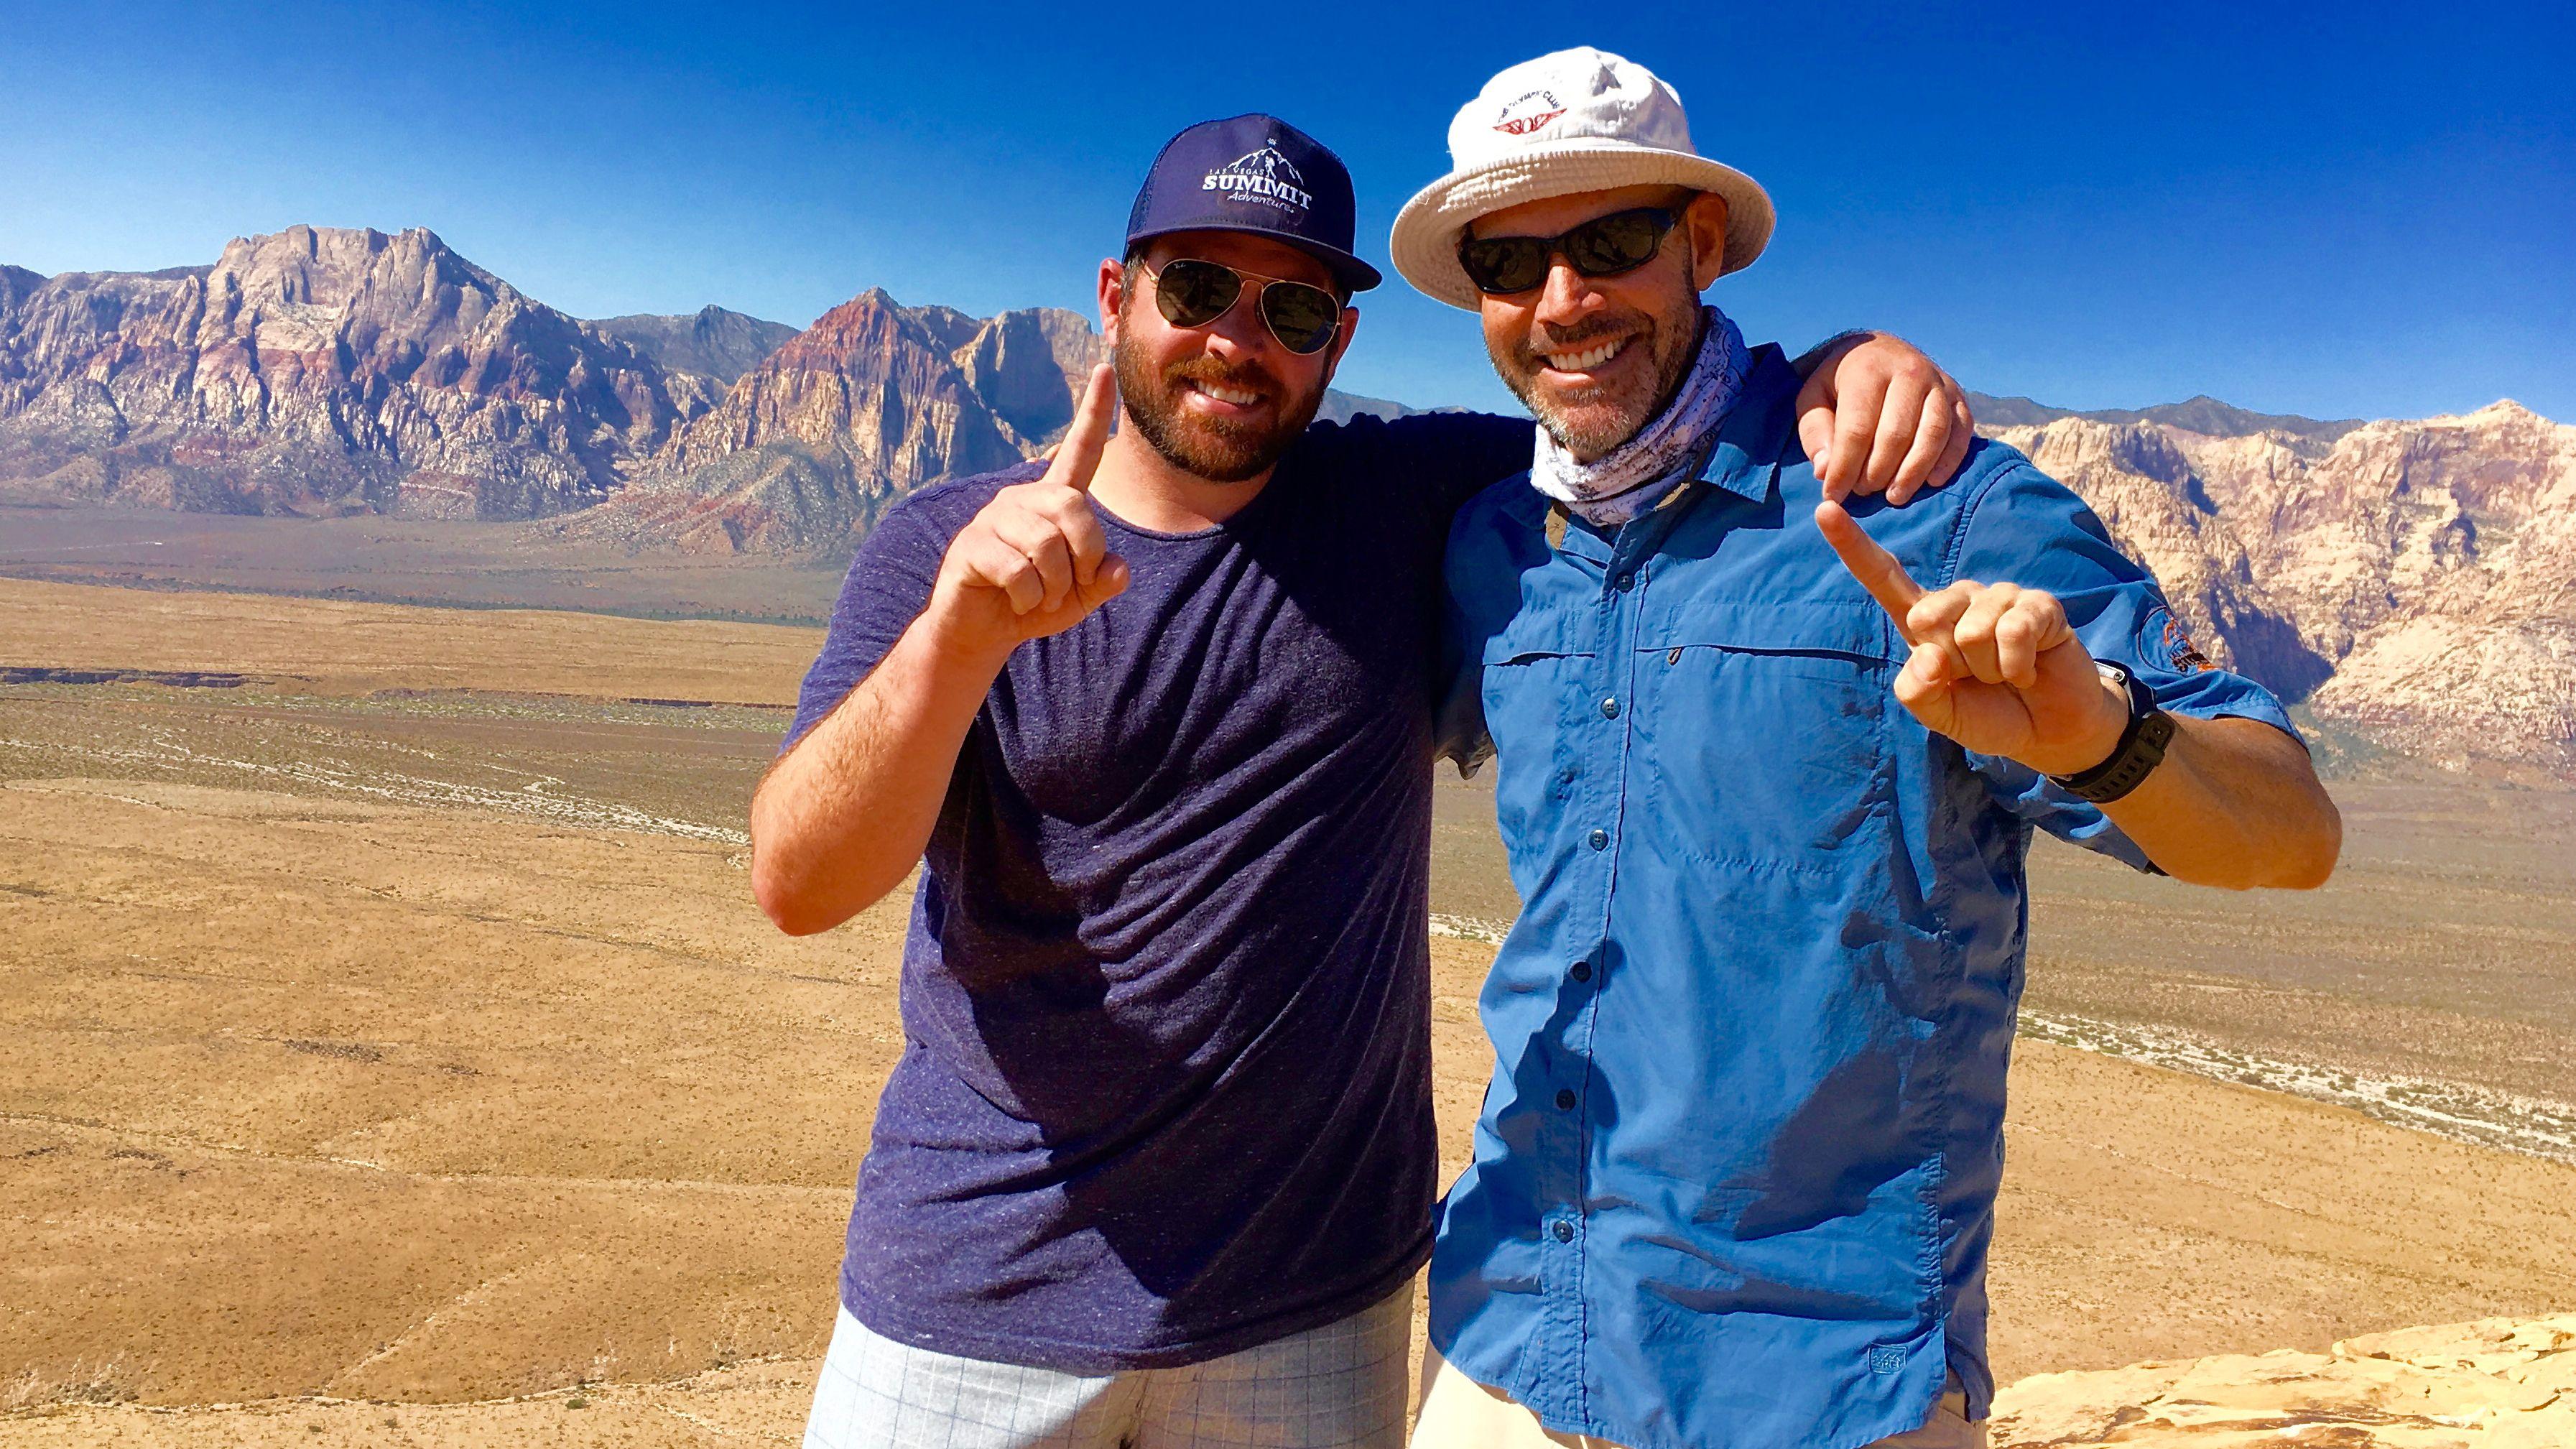 Two men hiking in Las Vegas